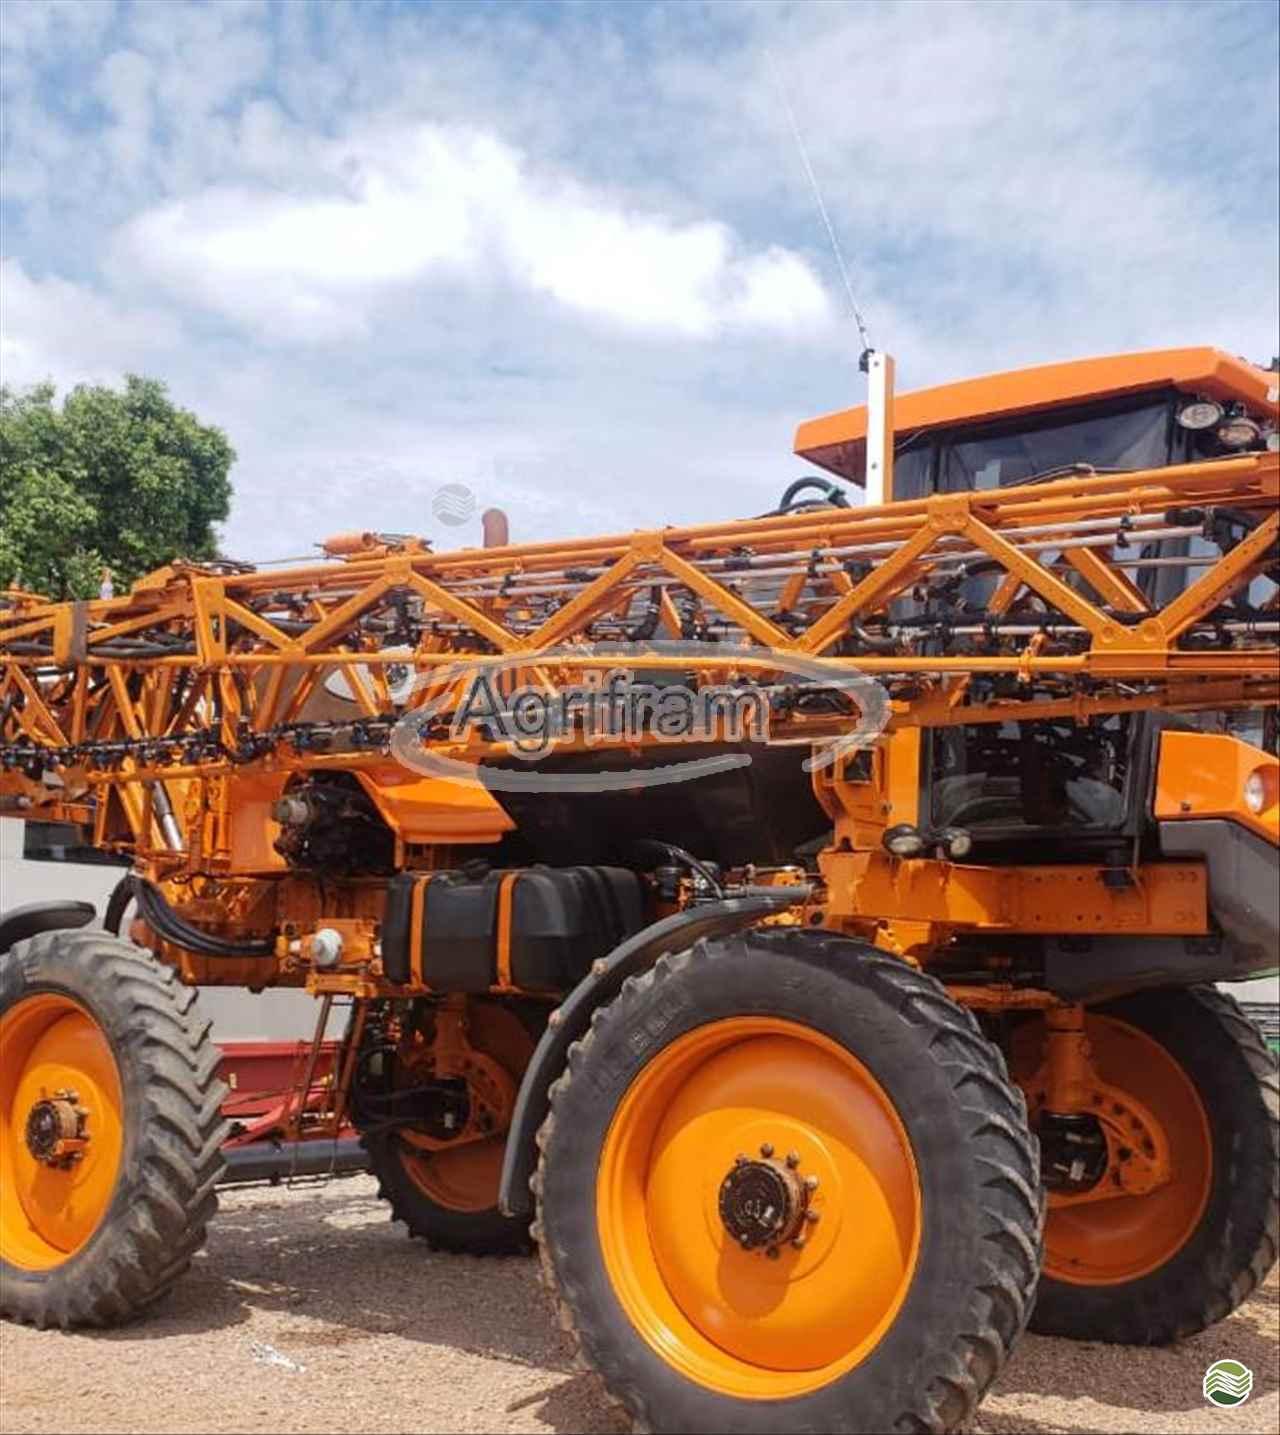 JACTO UNIPORT 3030  2014/2014 Agrifram Máquinas e Soluções Agrícolas